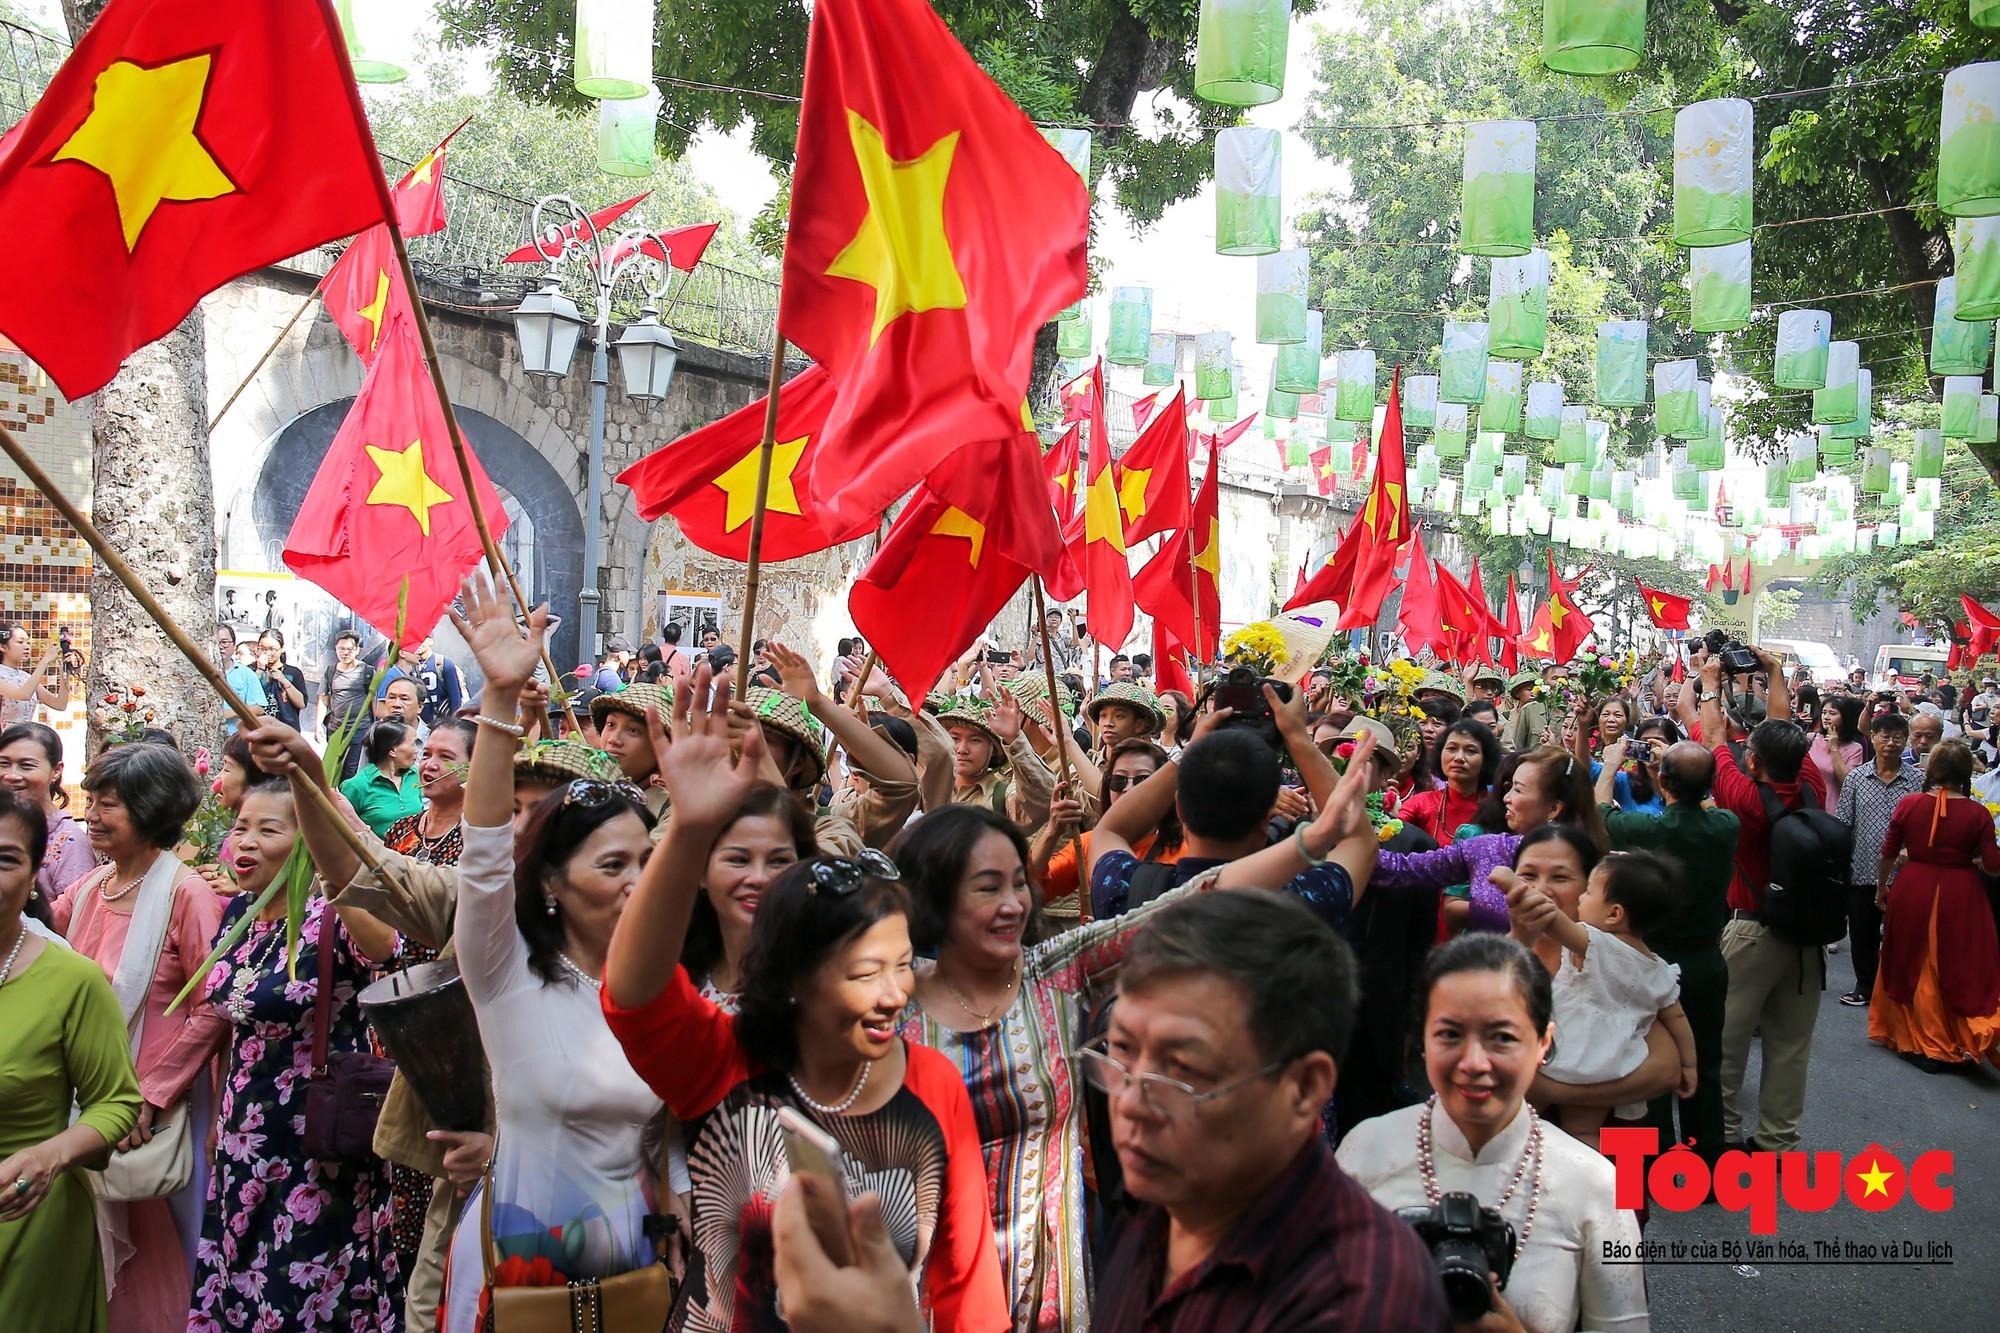 Tái hiện ký ức hào hùng đoàn quân chiến thắng trở về tiếp quản thủ đô Hà Nội 65 năm trước 4